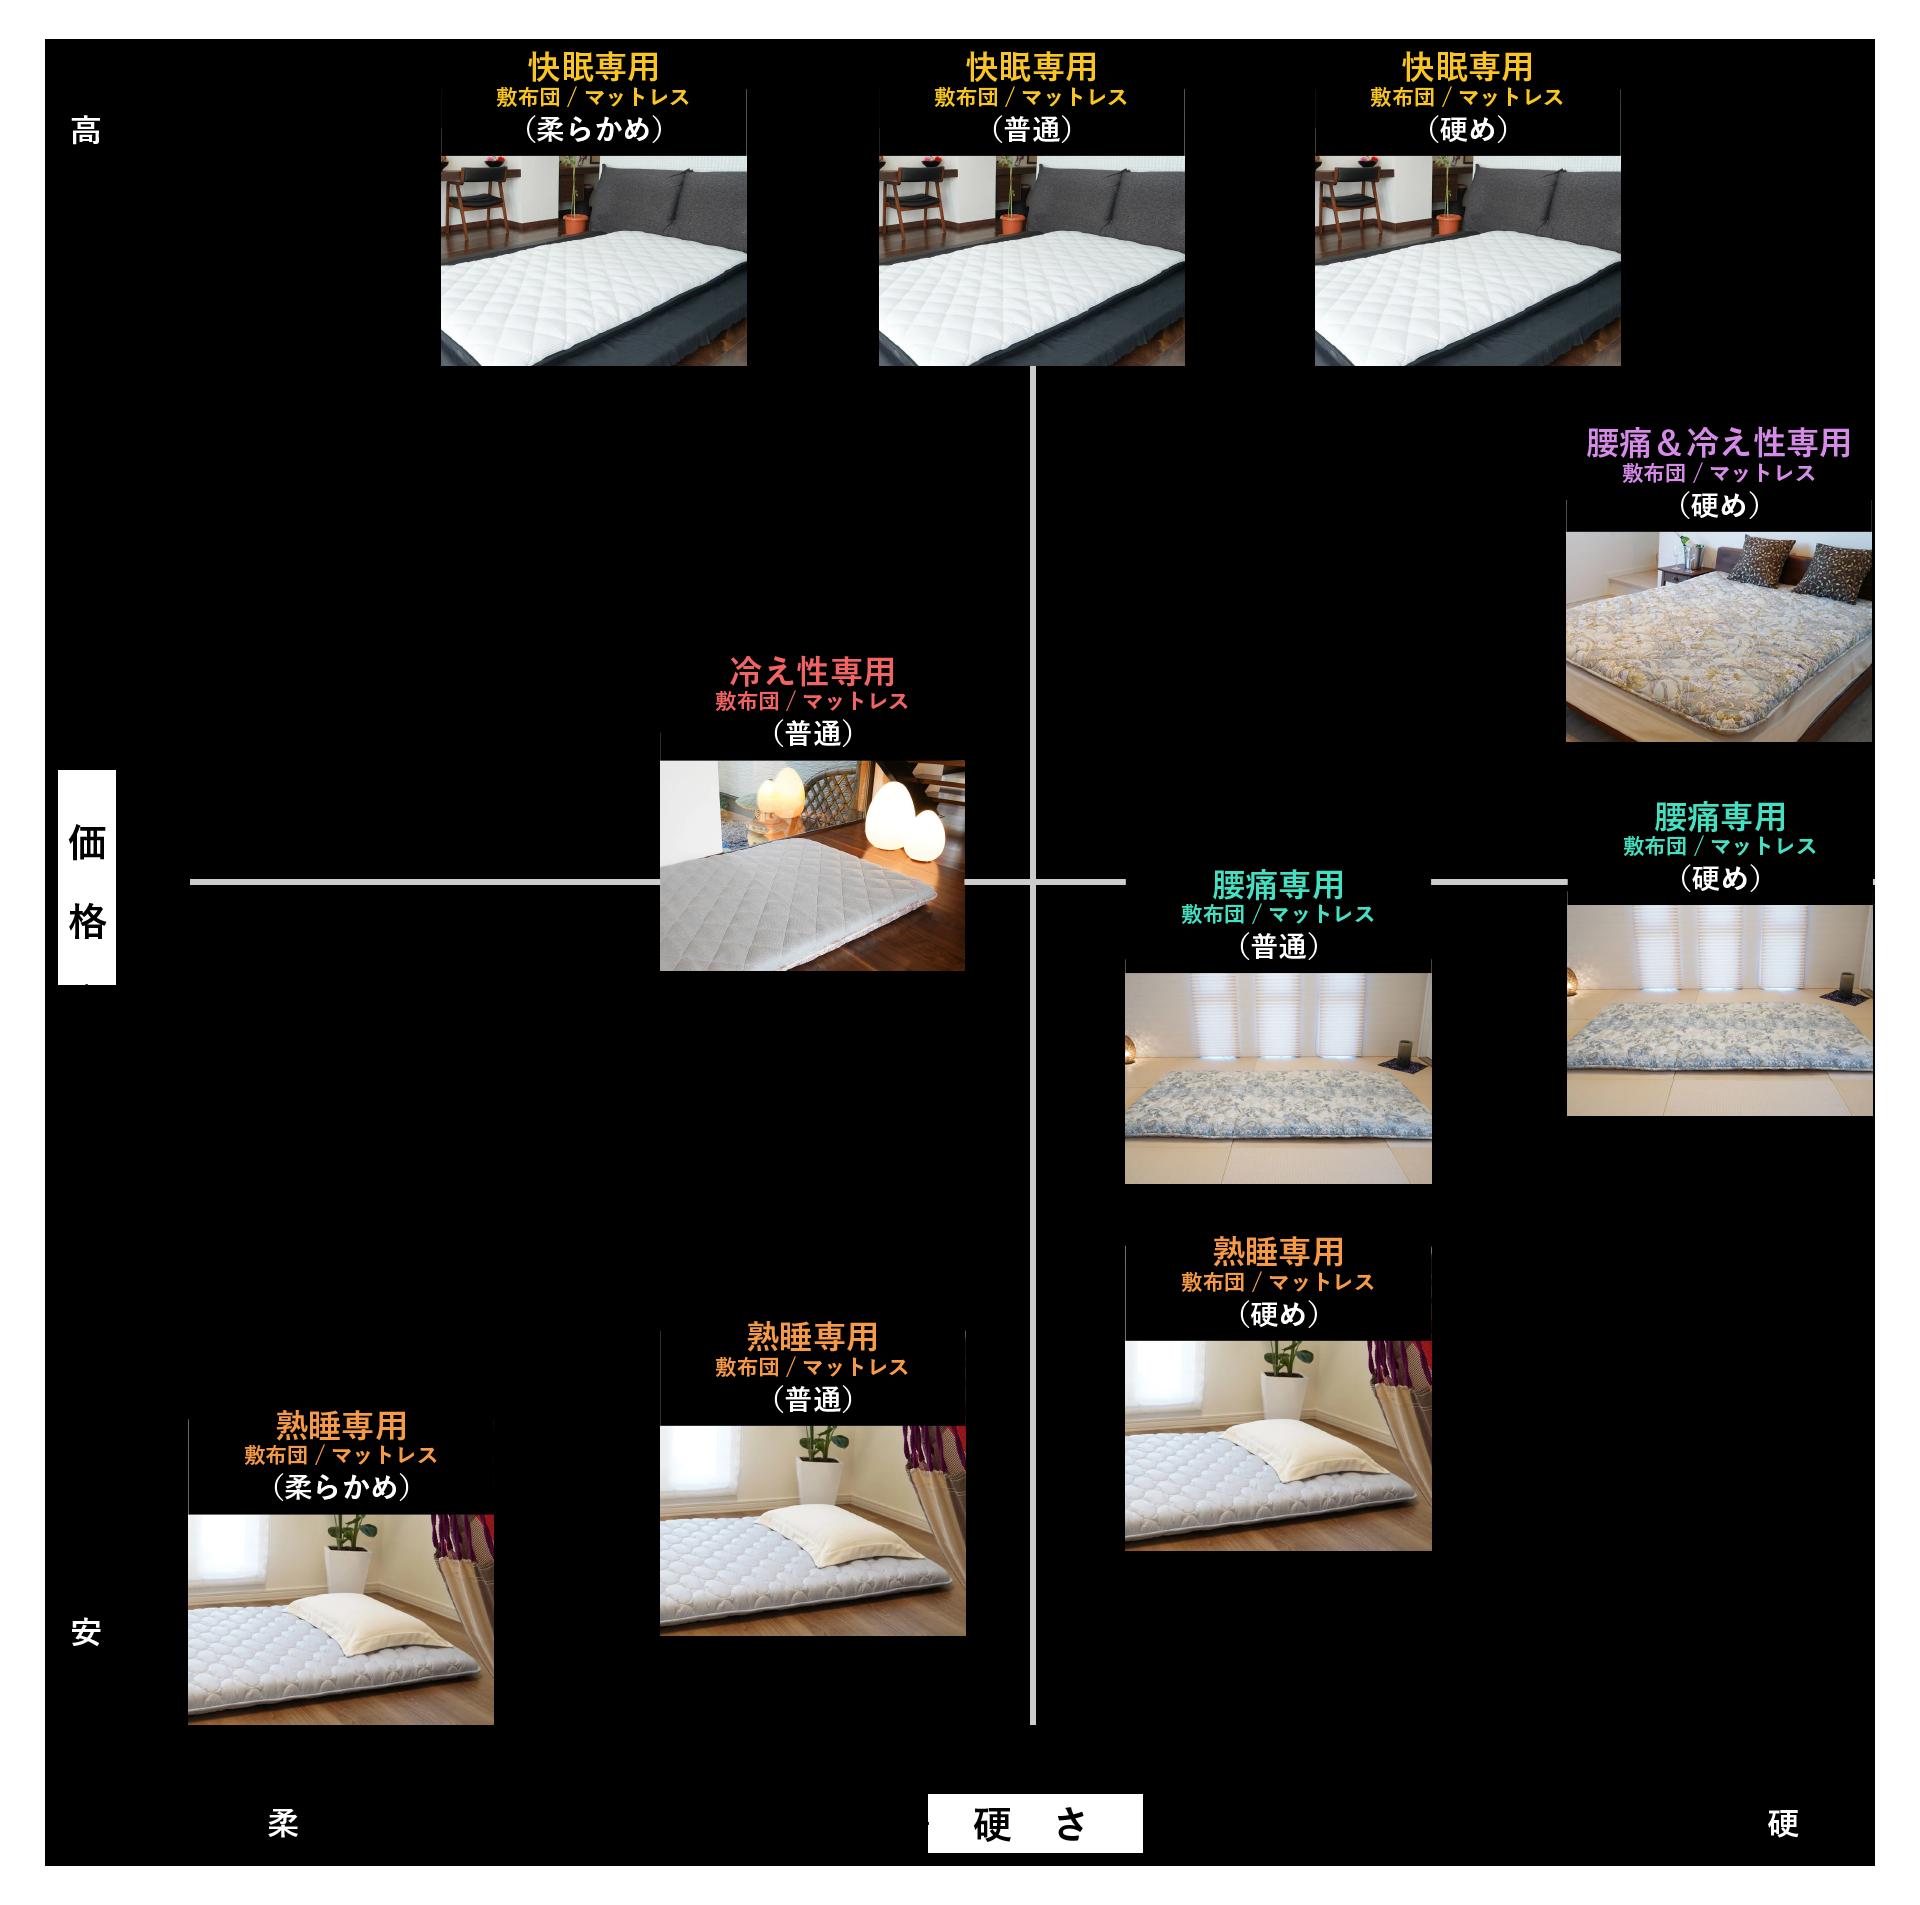 アサギの敷布団 / マットレス比較表